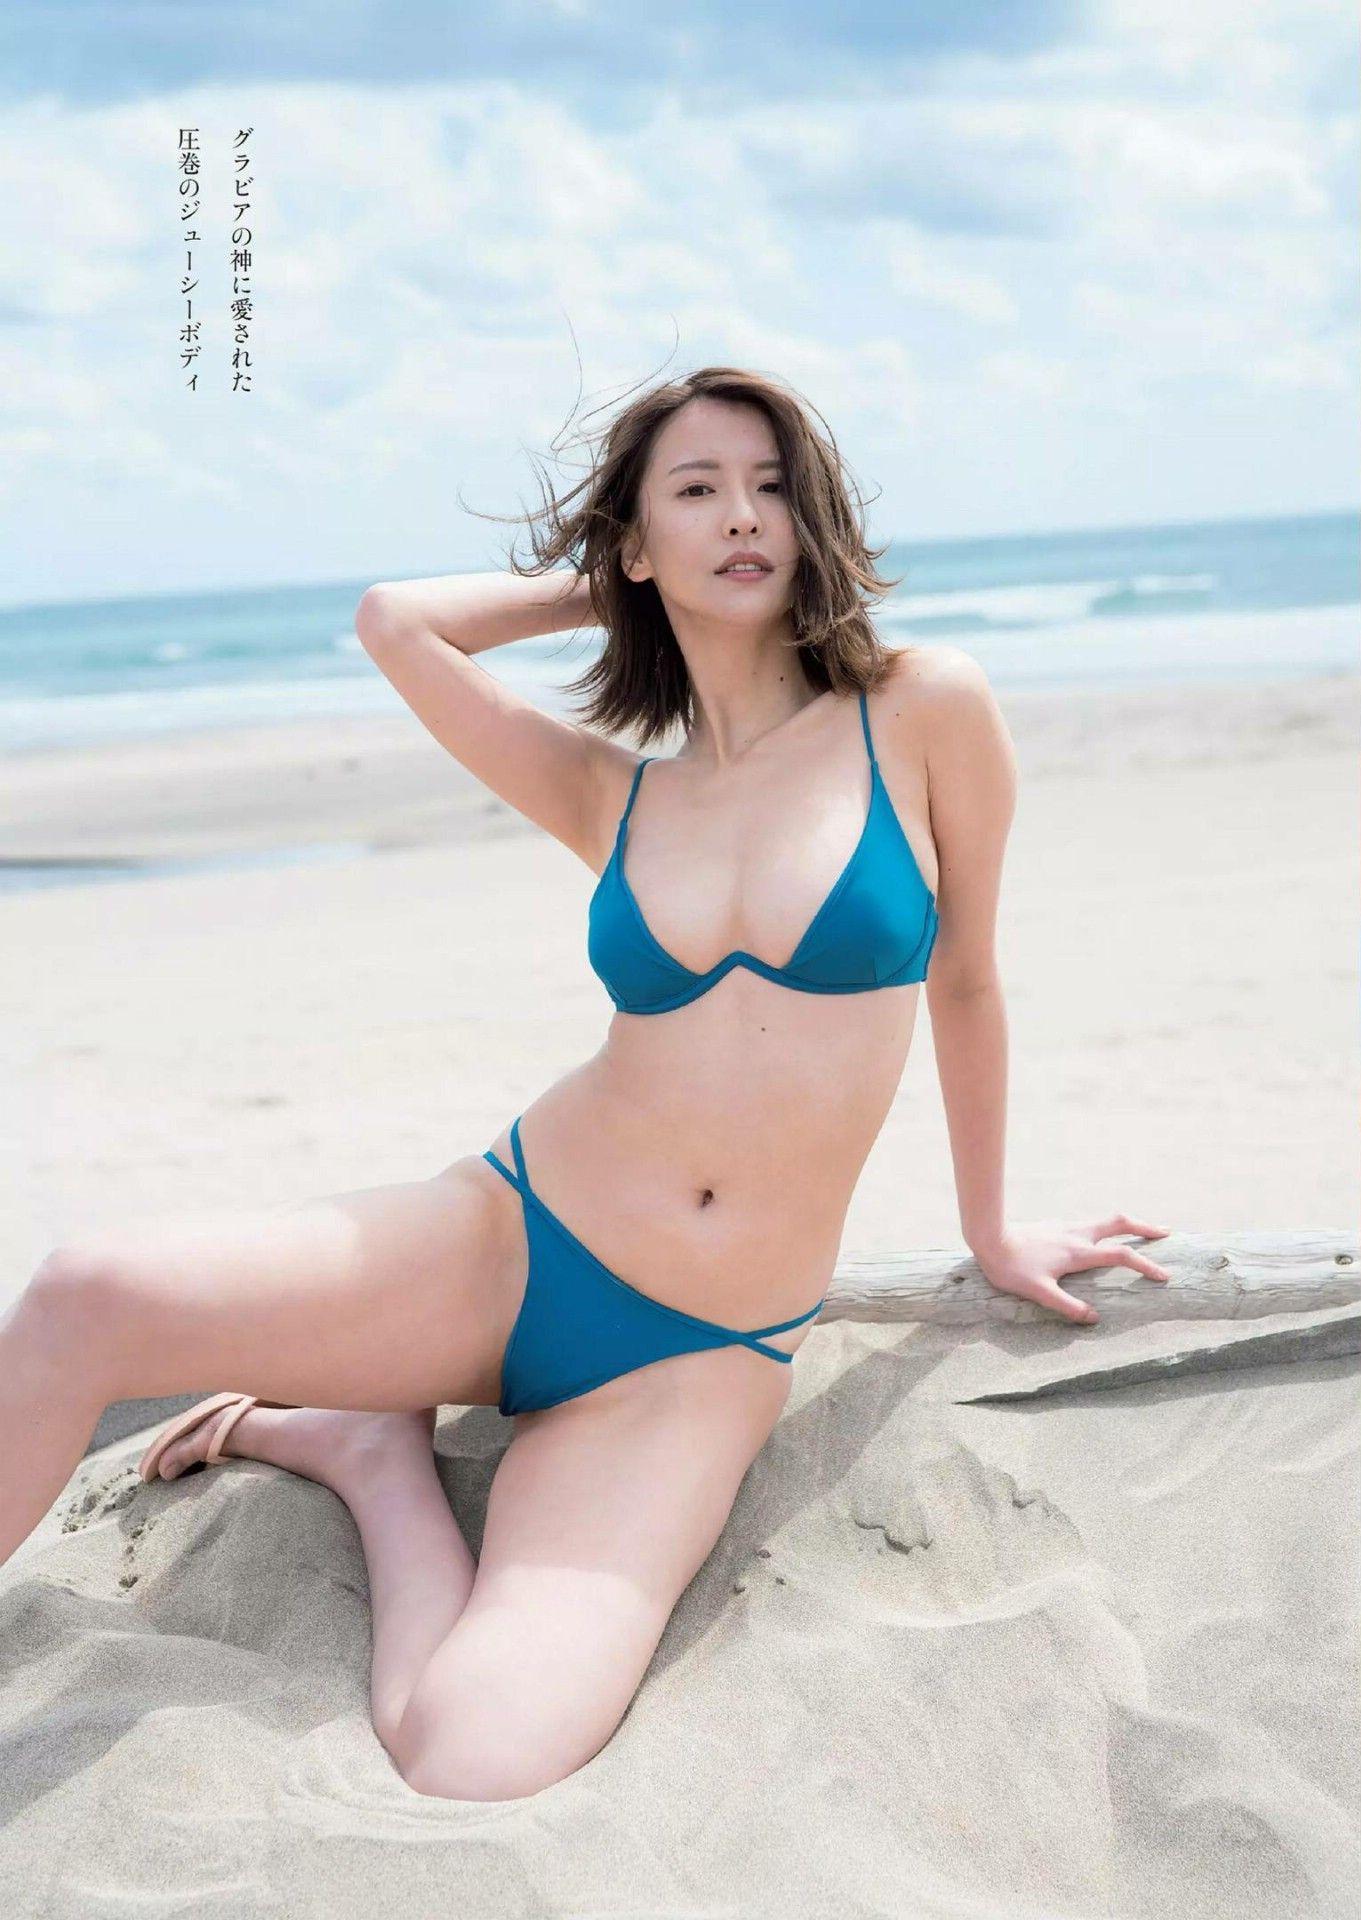 高崎加奈美 吉田爱理-Weekly Playboy-第22张图片- www.coserba.com整理发布